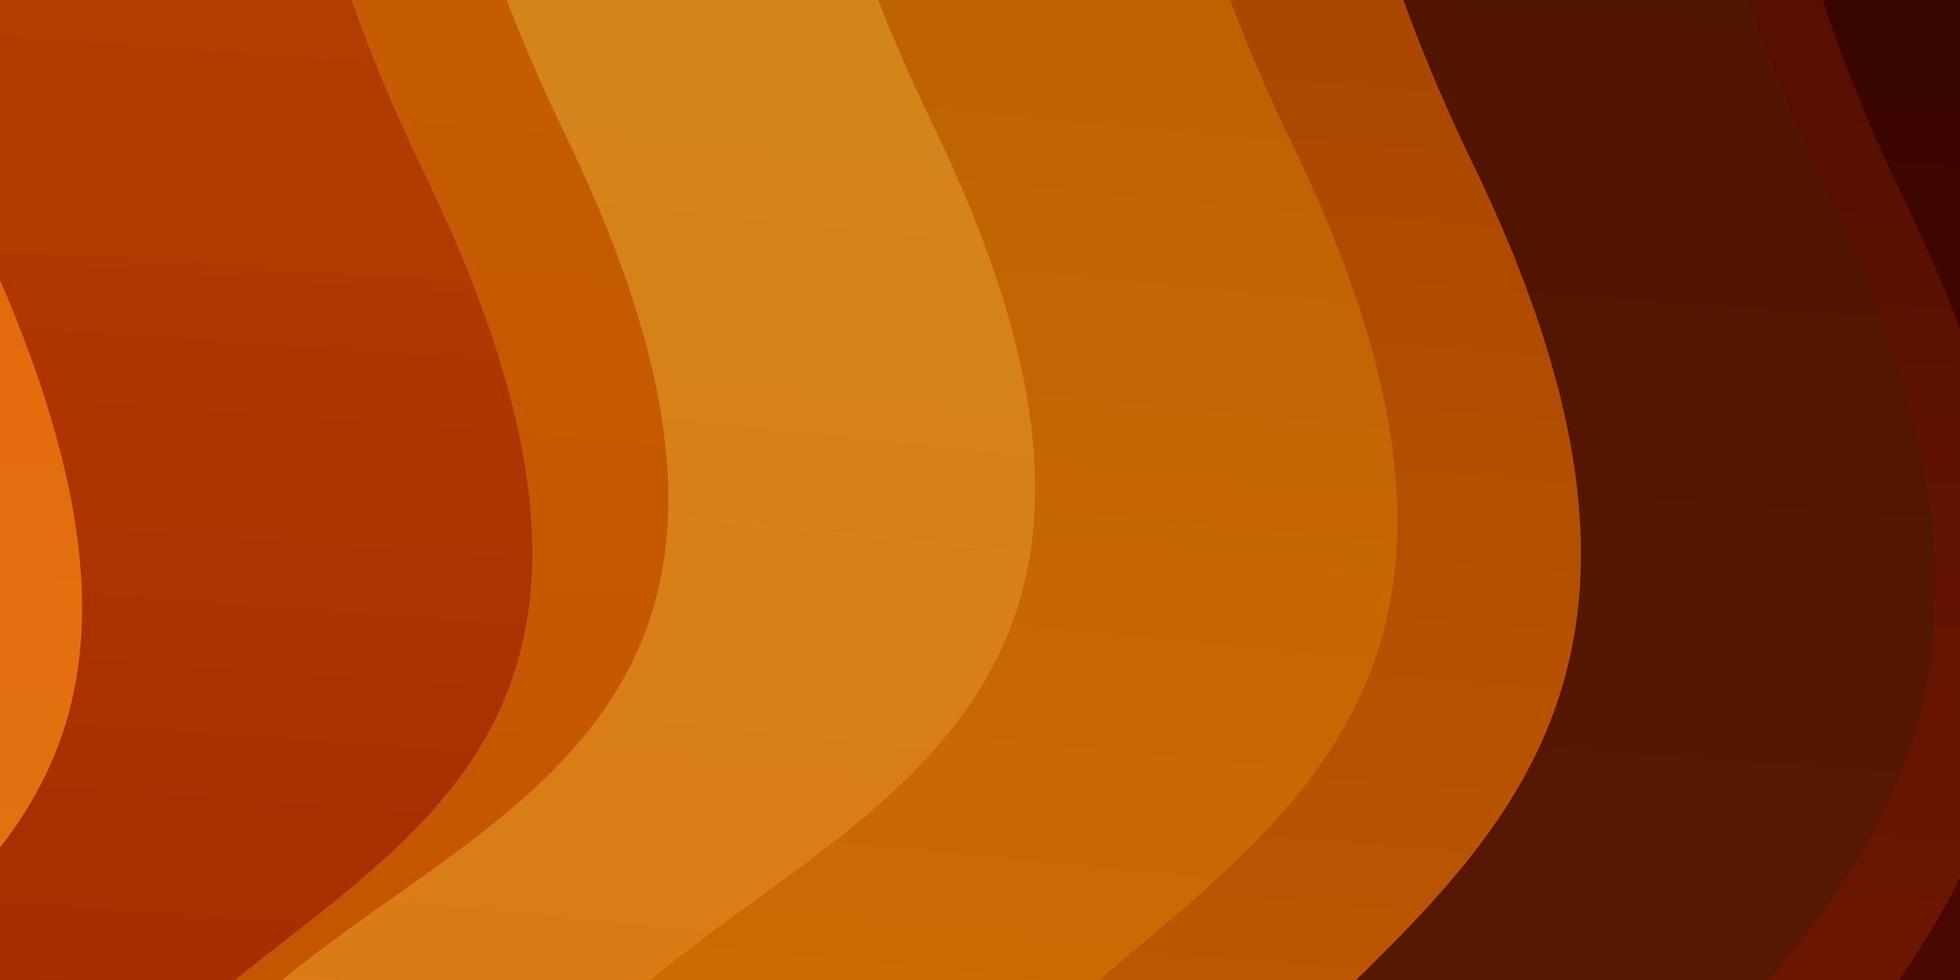 Telón de fondo de vector naranja claro con curvas.